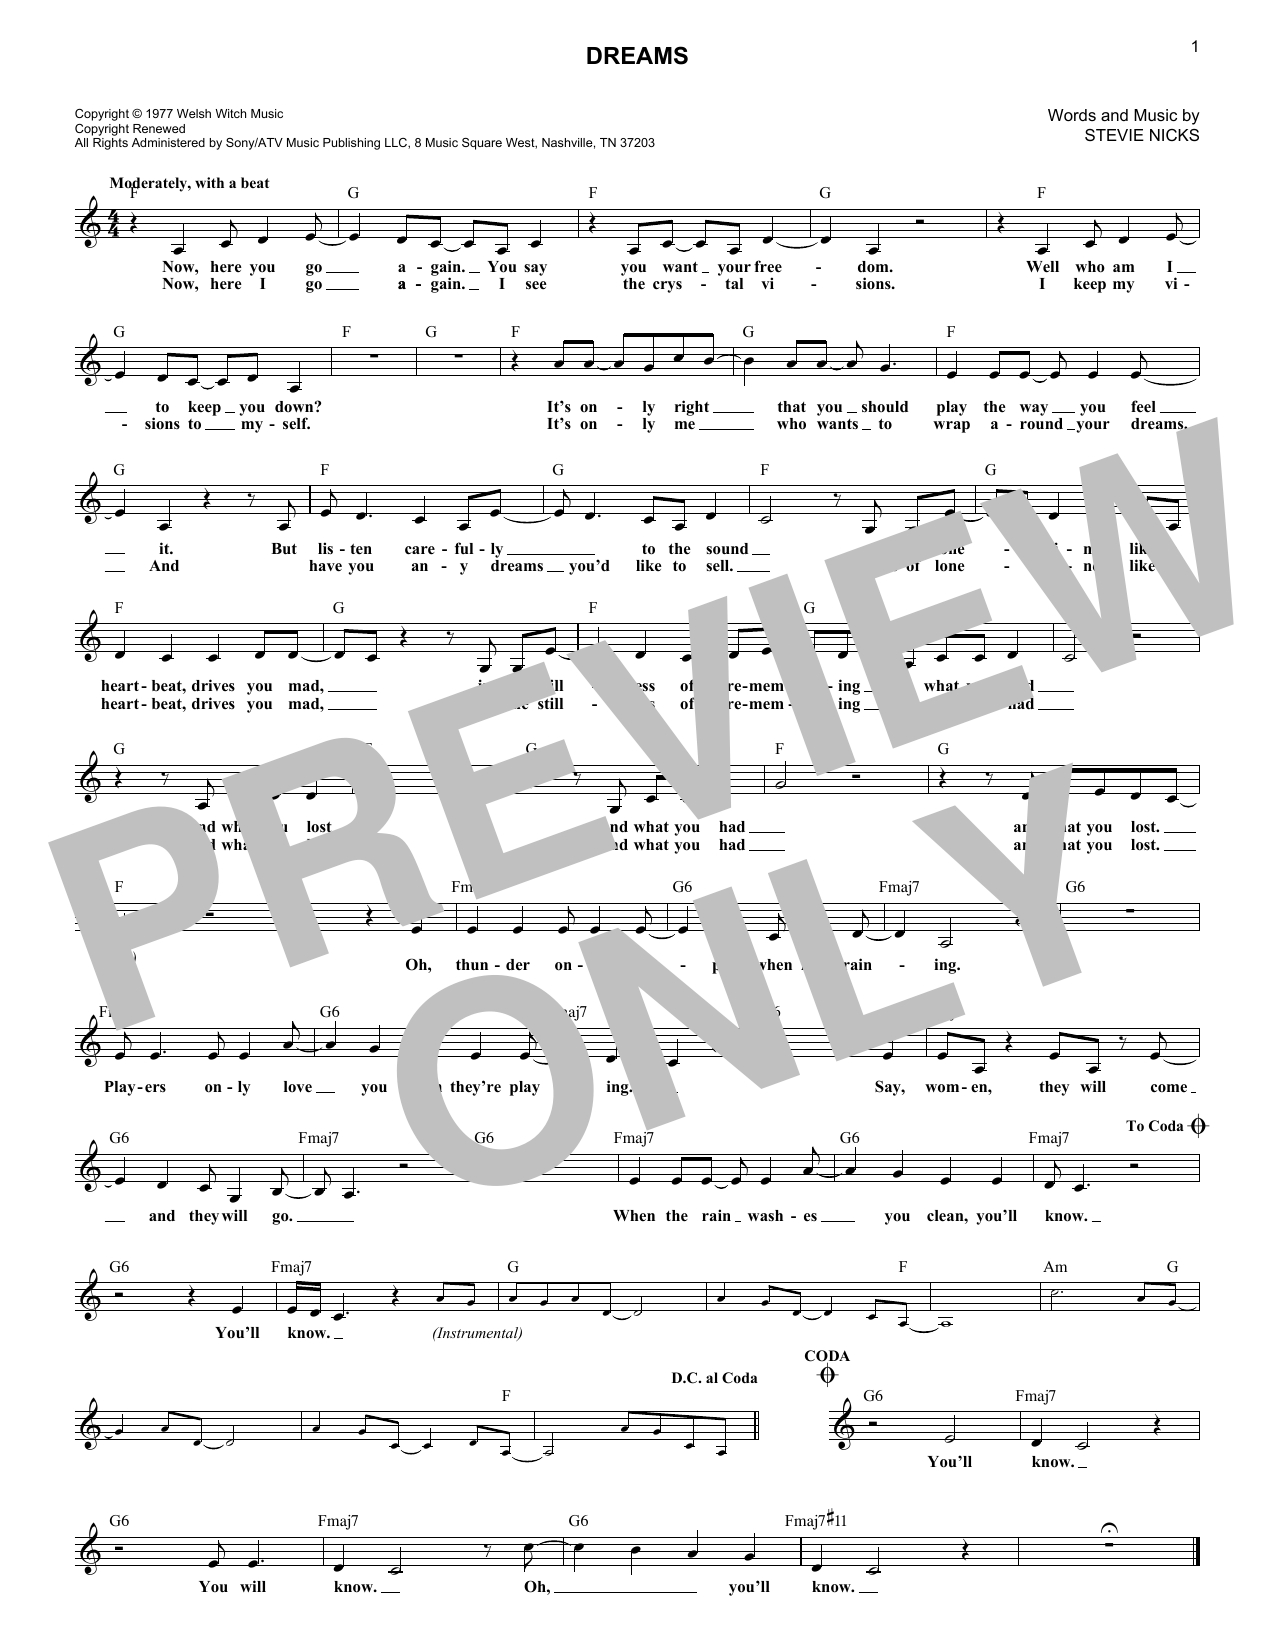 Sheet Music Digital Files To Print Licensed Stevie Nicks Digital